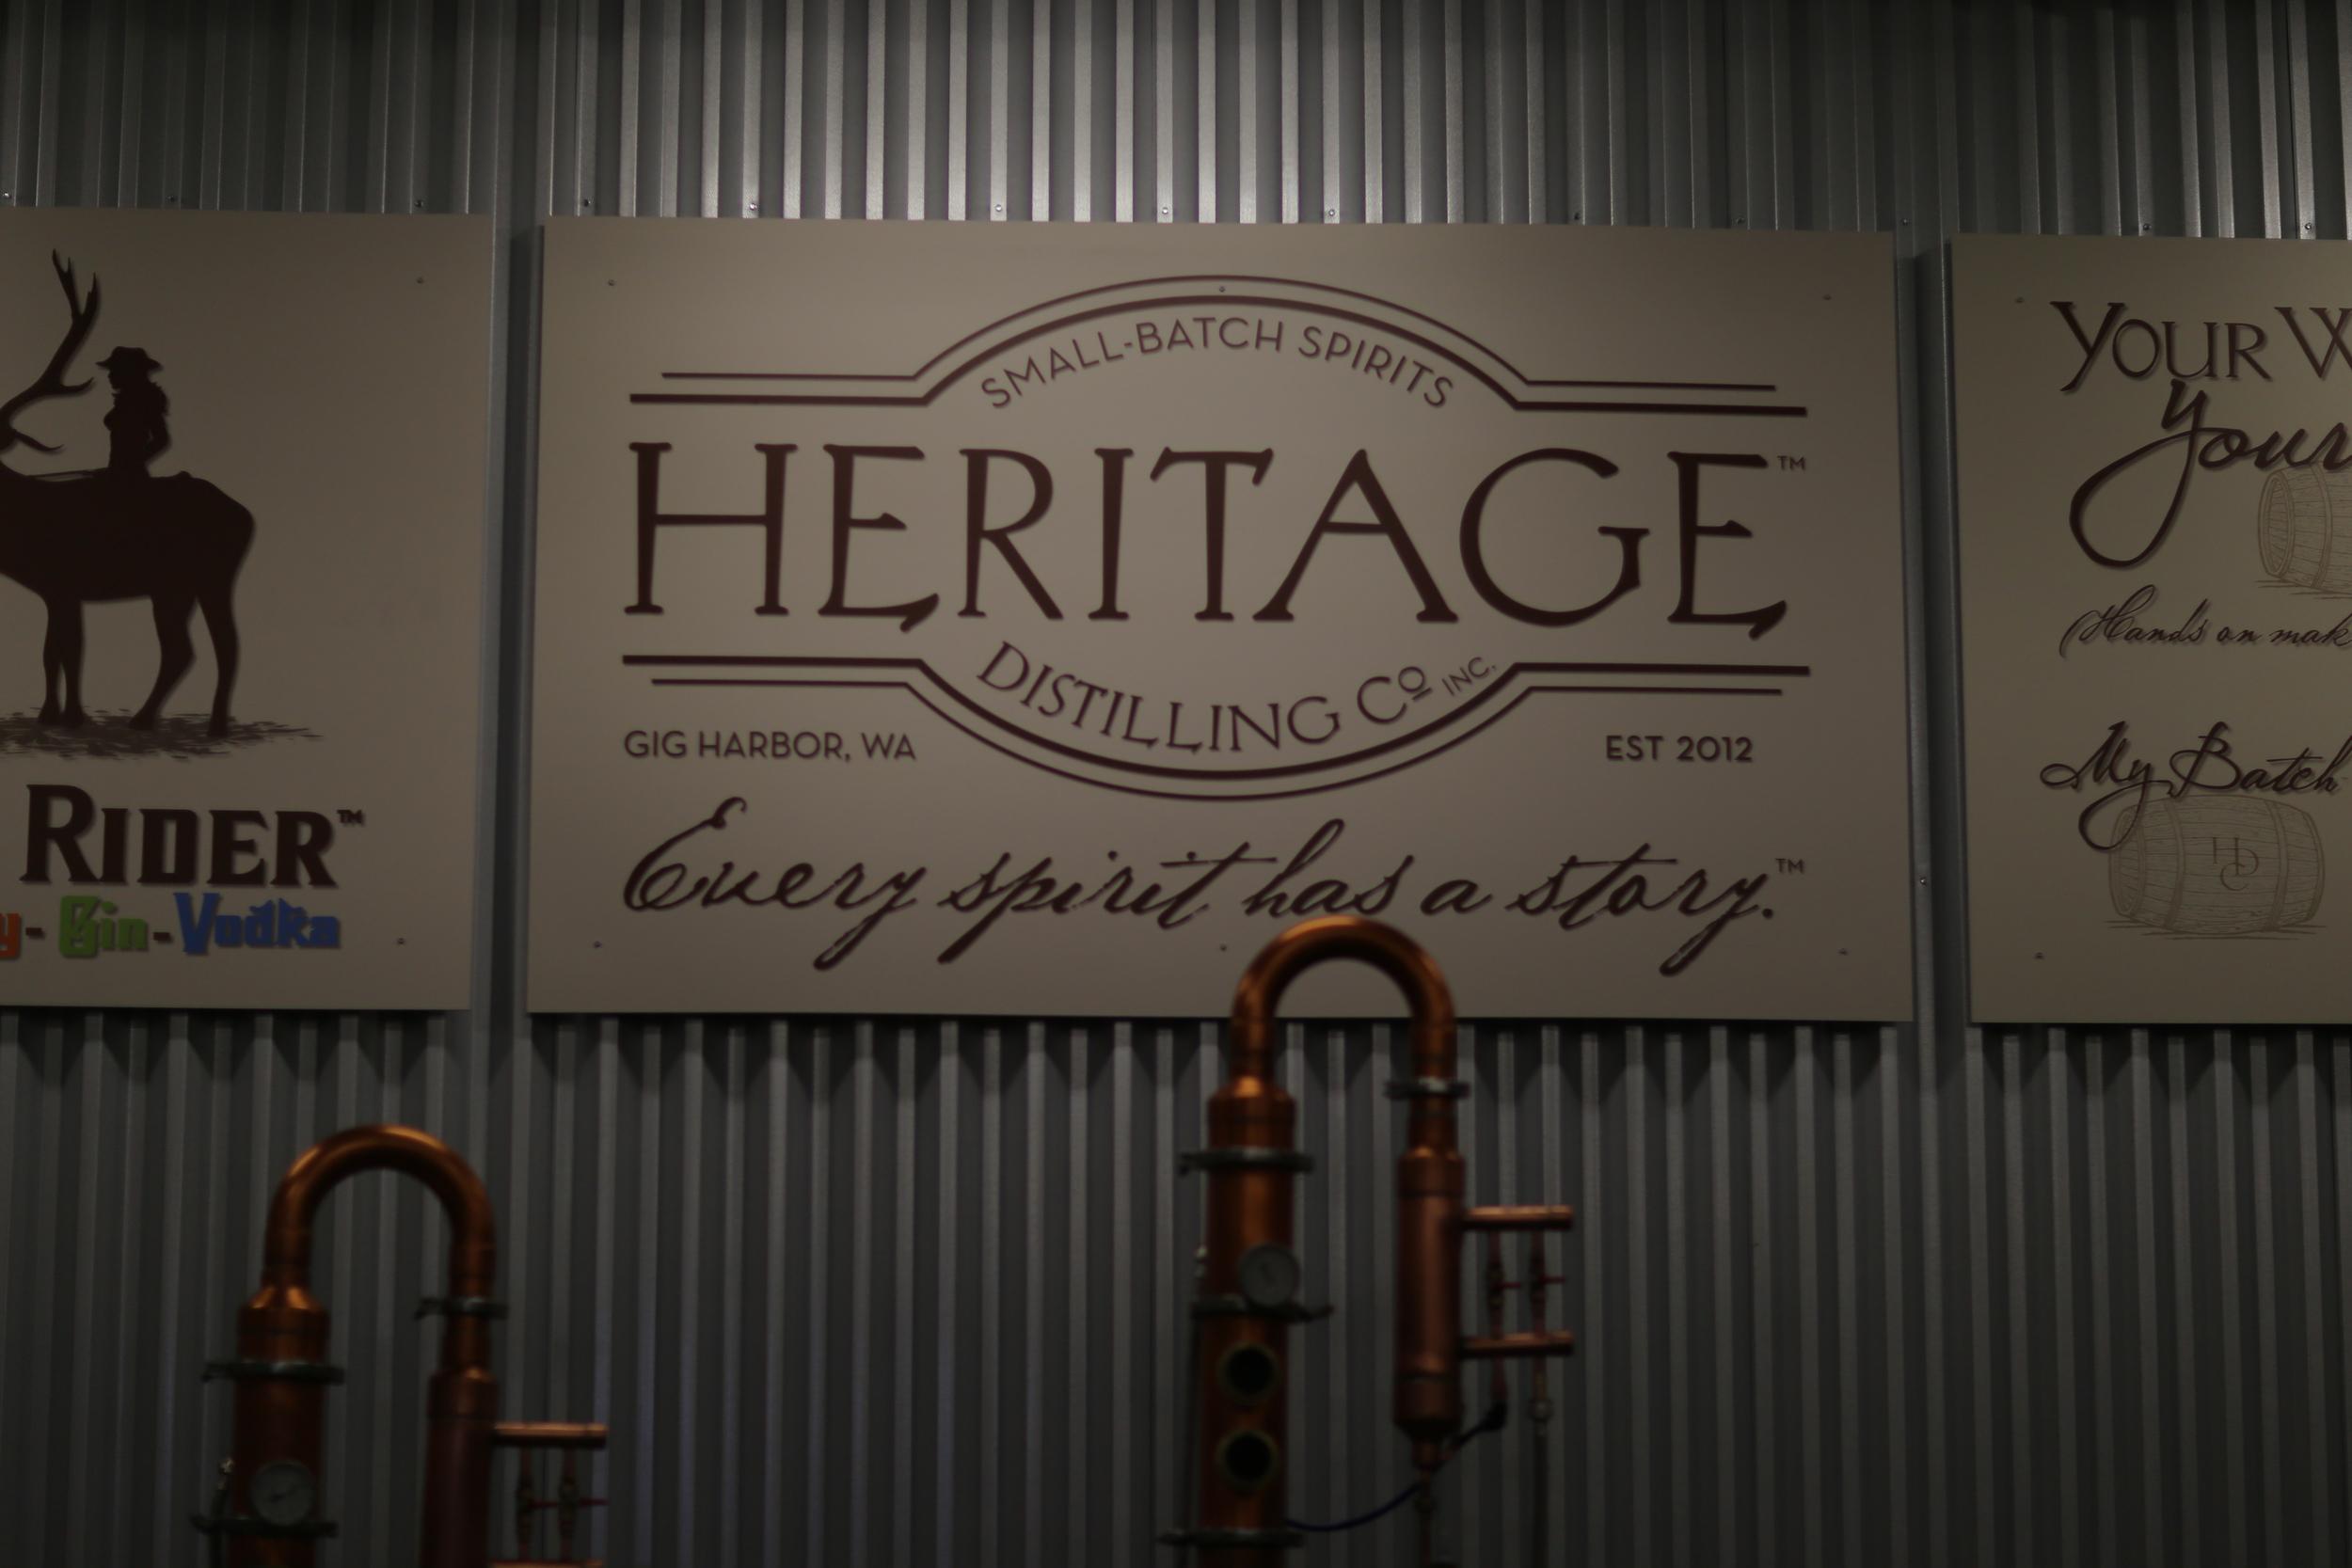 Heritage signage